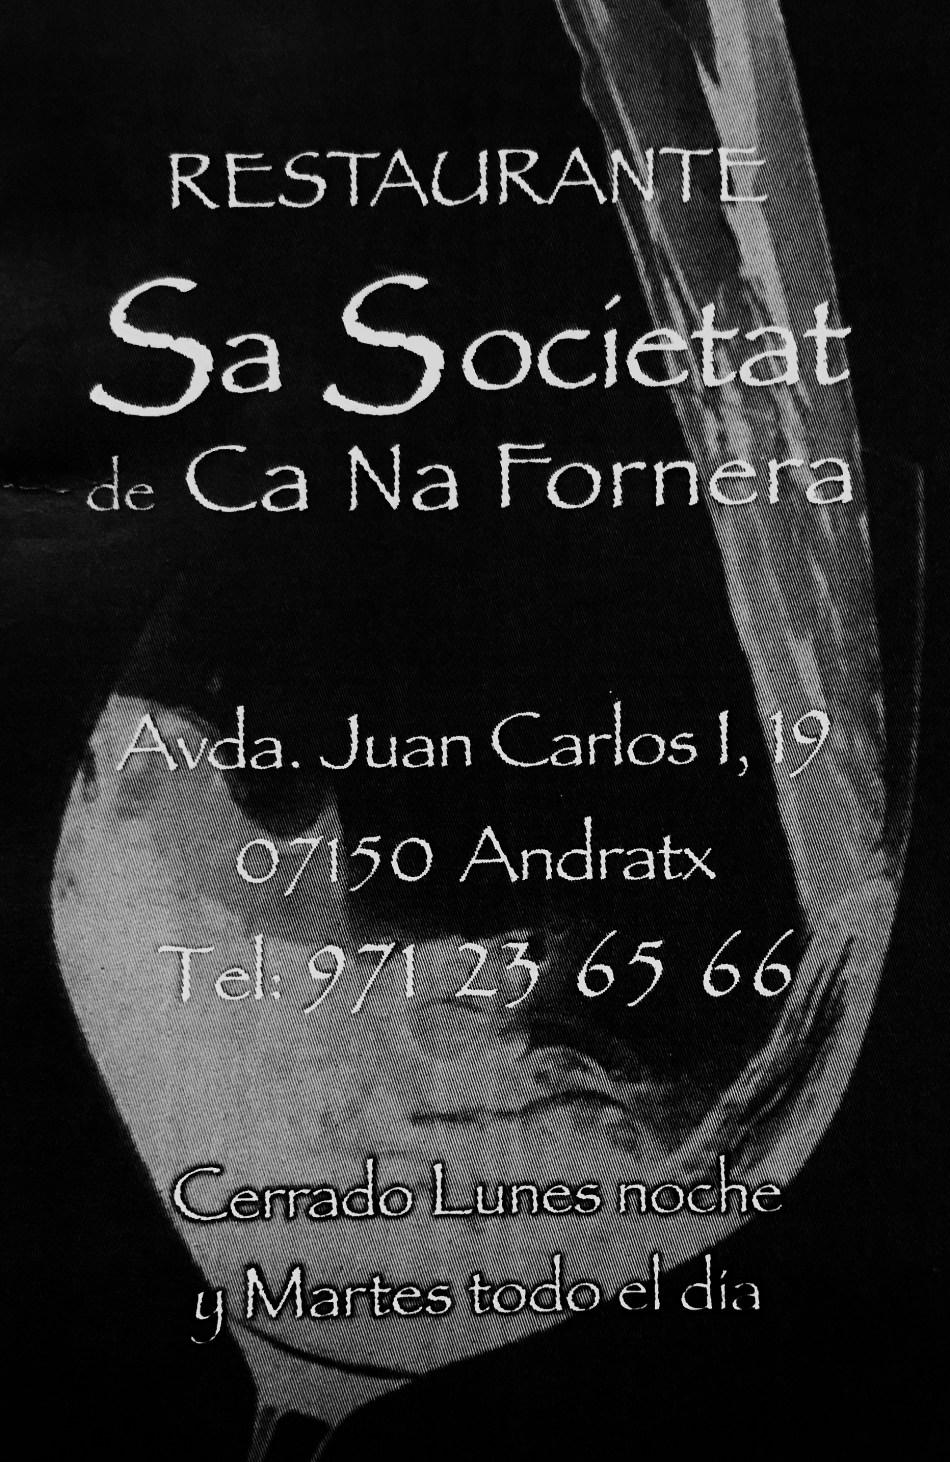 RESTAURANTE SA SOCIETAT DE CA NA FORNERA ANDRATX